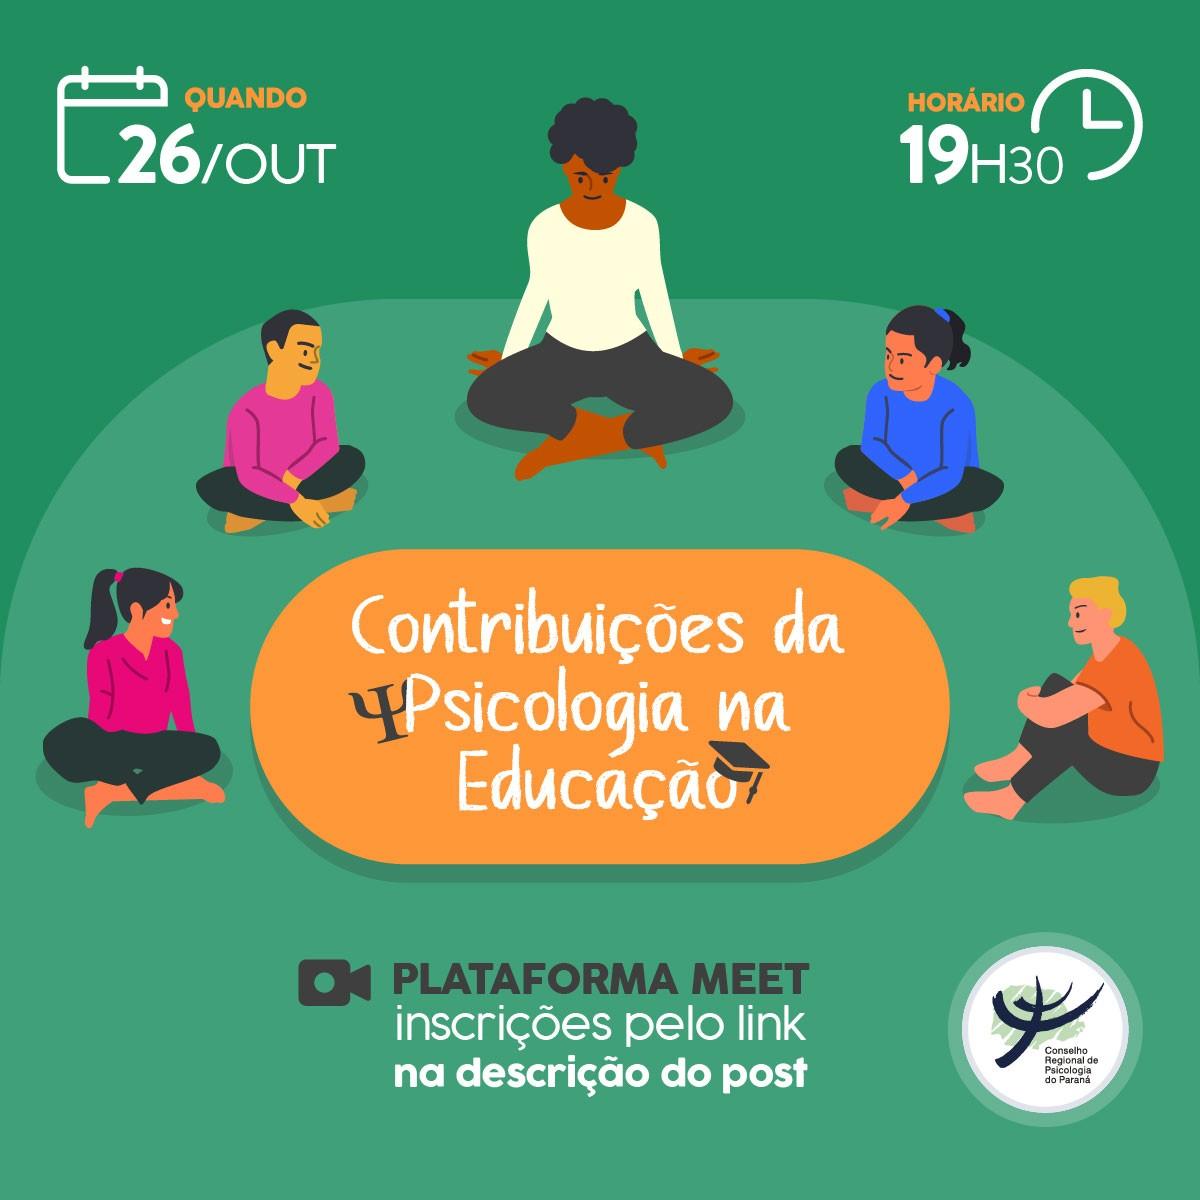 Roda de conversa - Contribuições da Psicologia na Educação